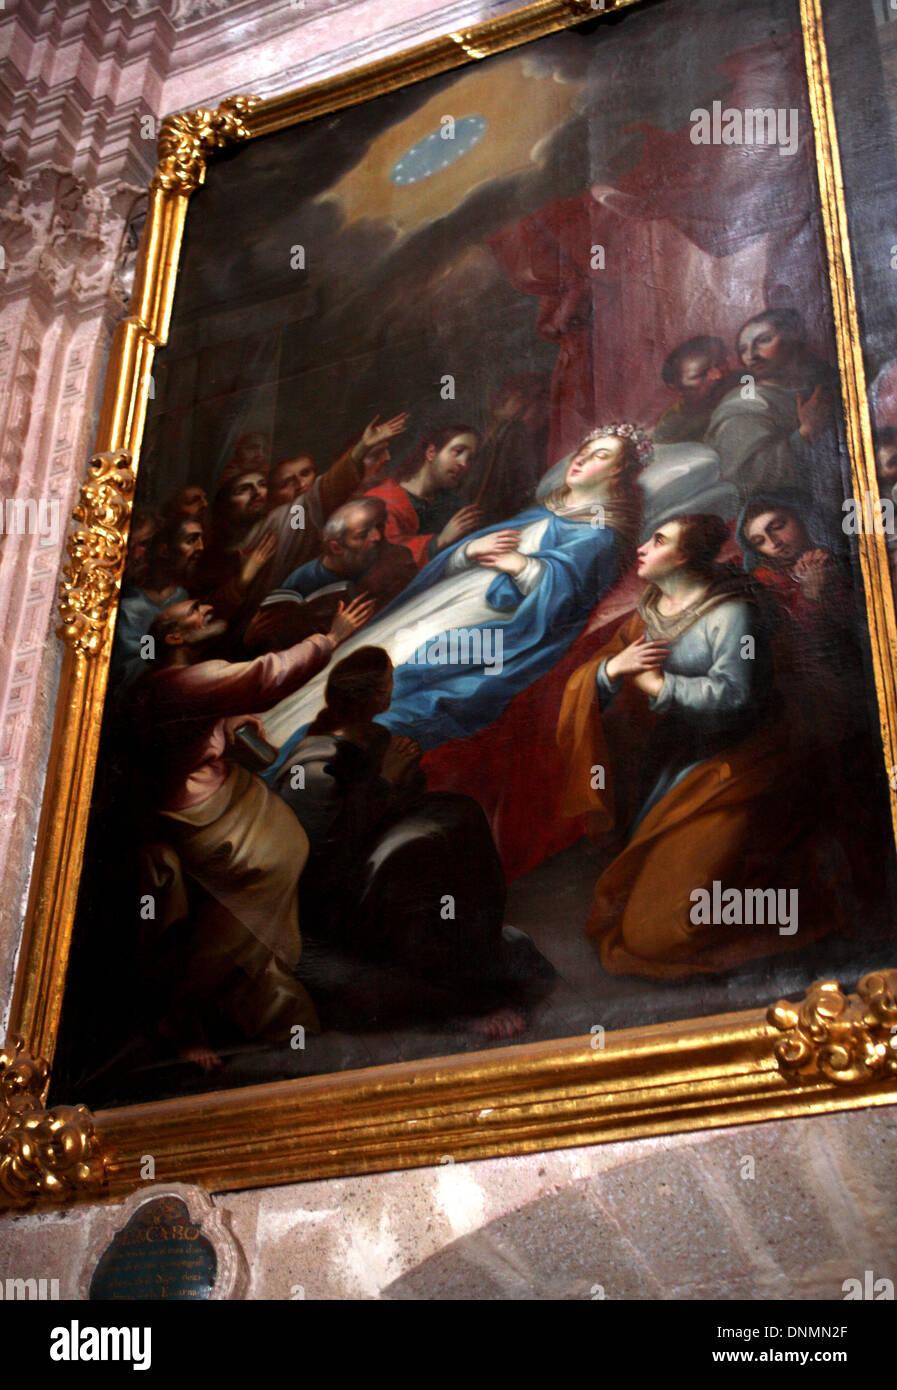 Ein Gemälde des Malers Miguel Cabrera, den Tod der Jungfrau Maria darstellt schmückt die Museum von Santa Prisca Kirche Stockfoto